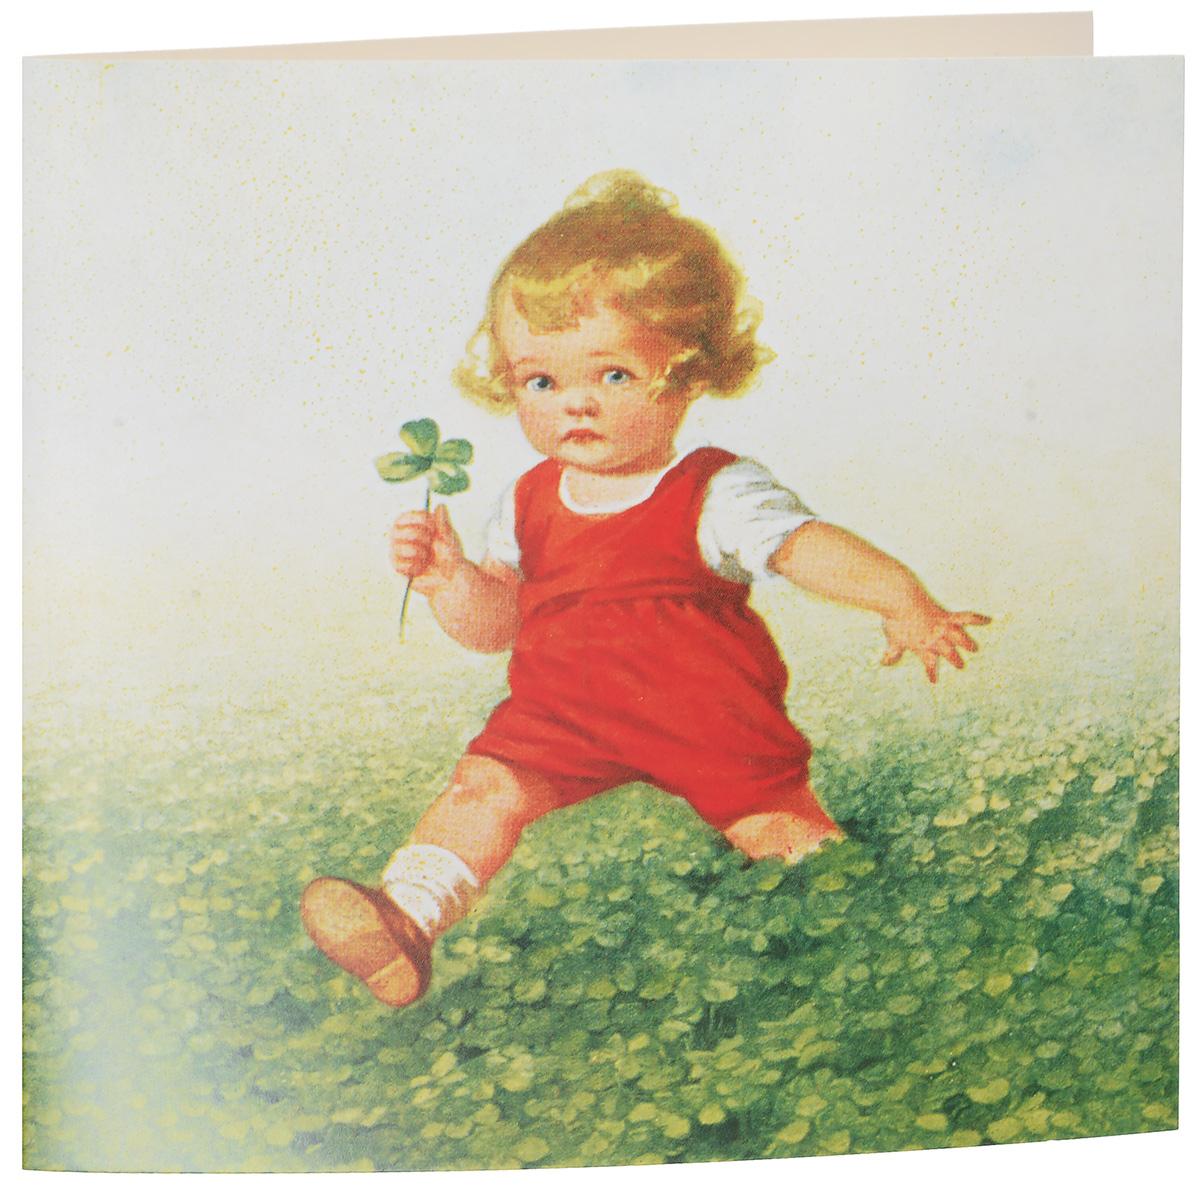 Открытка поздравительная Darinchi № 35, формат А5. Авторская работа открытка красавица с зеркальцем авторская работа д2